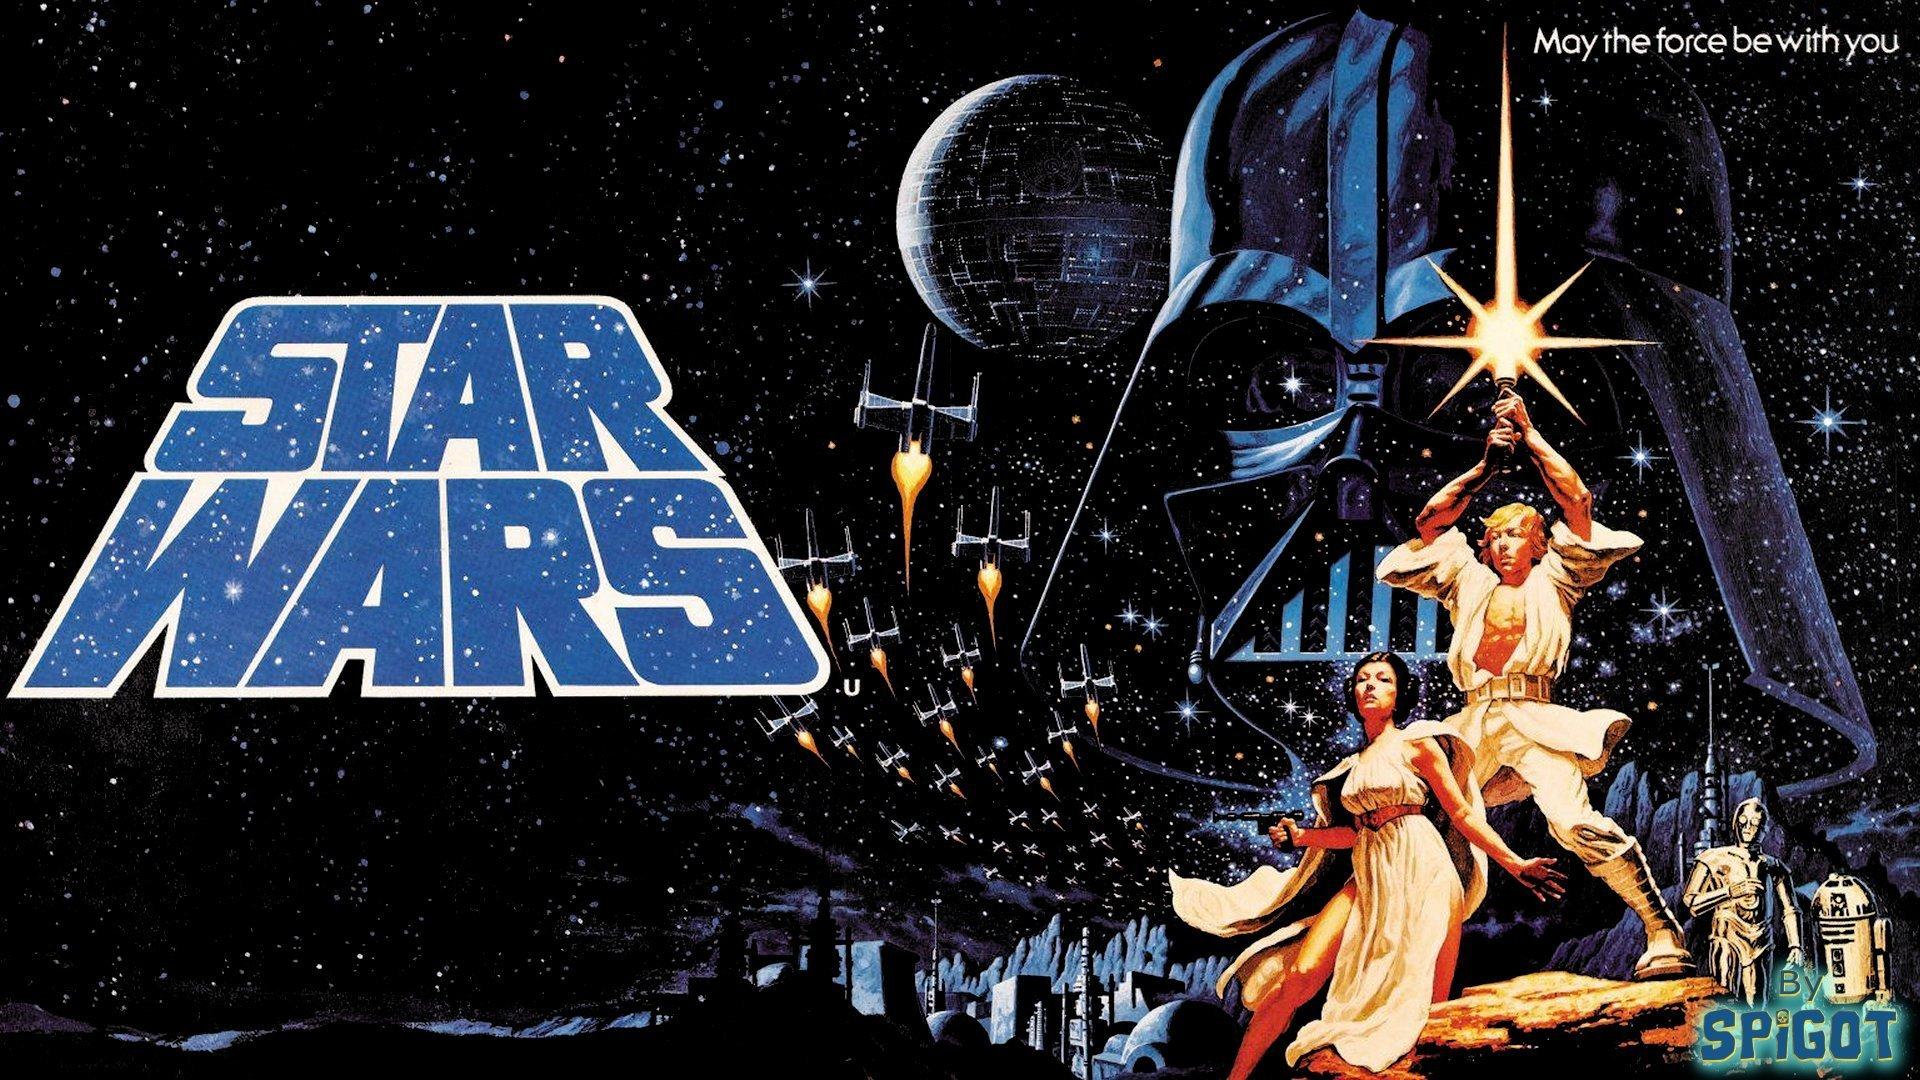 Description Star Wars Wallpaper HD is a hi res Wallpaper for pc 1920x1080